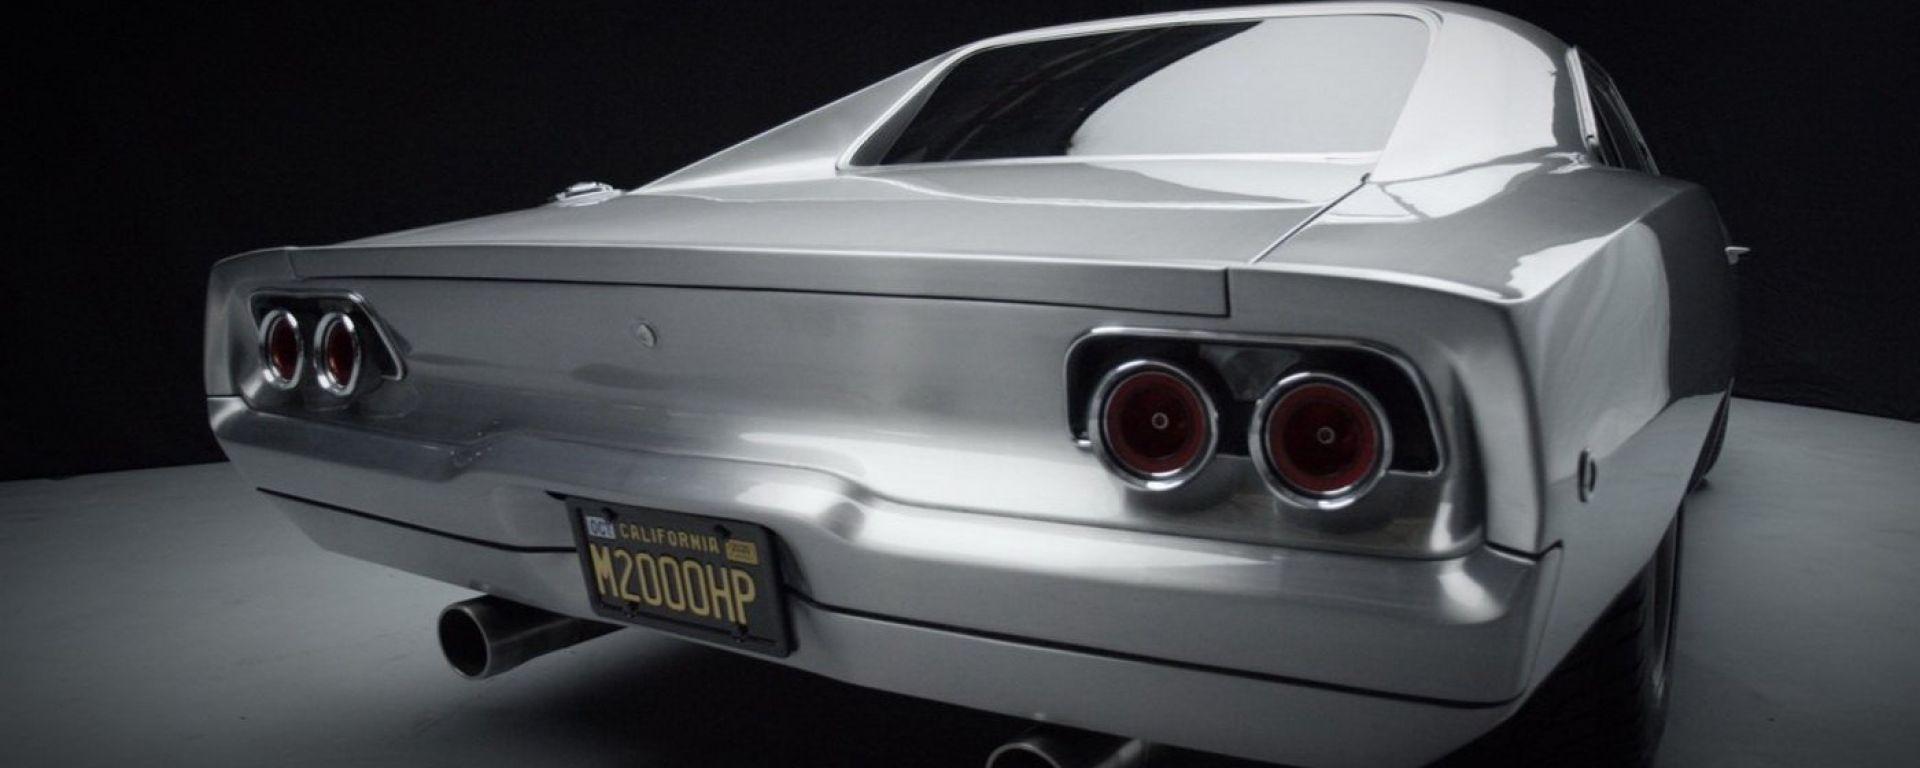 Dodge Charger Maximus: una vista del posteriore